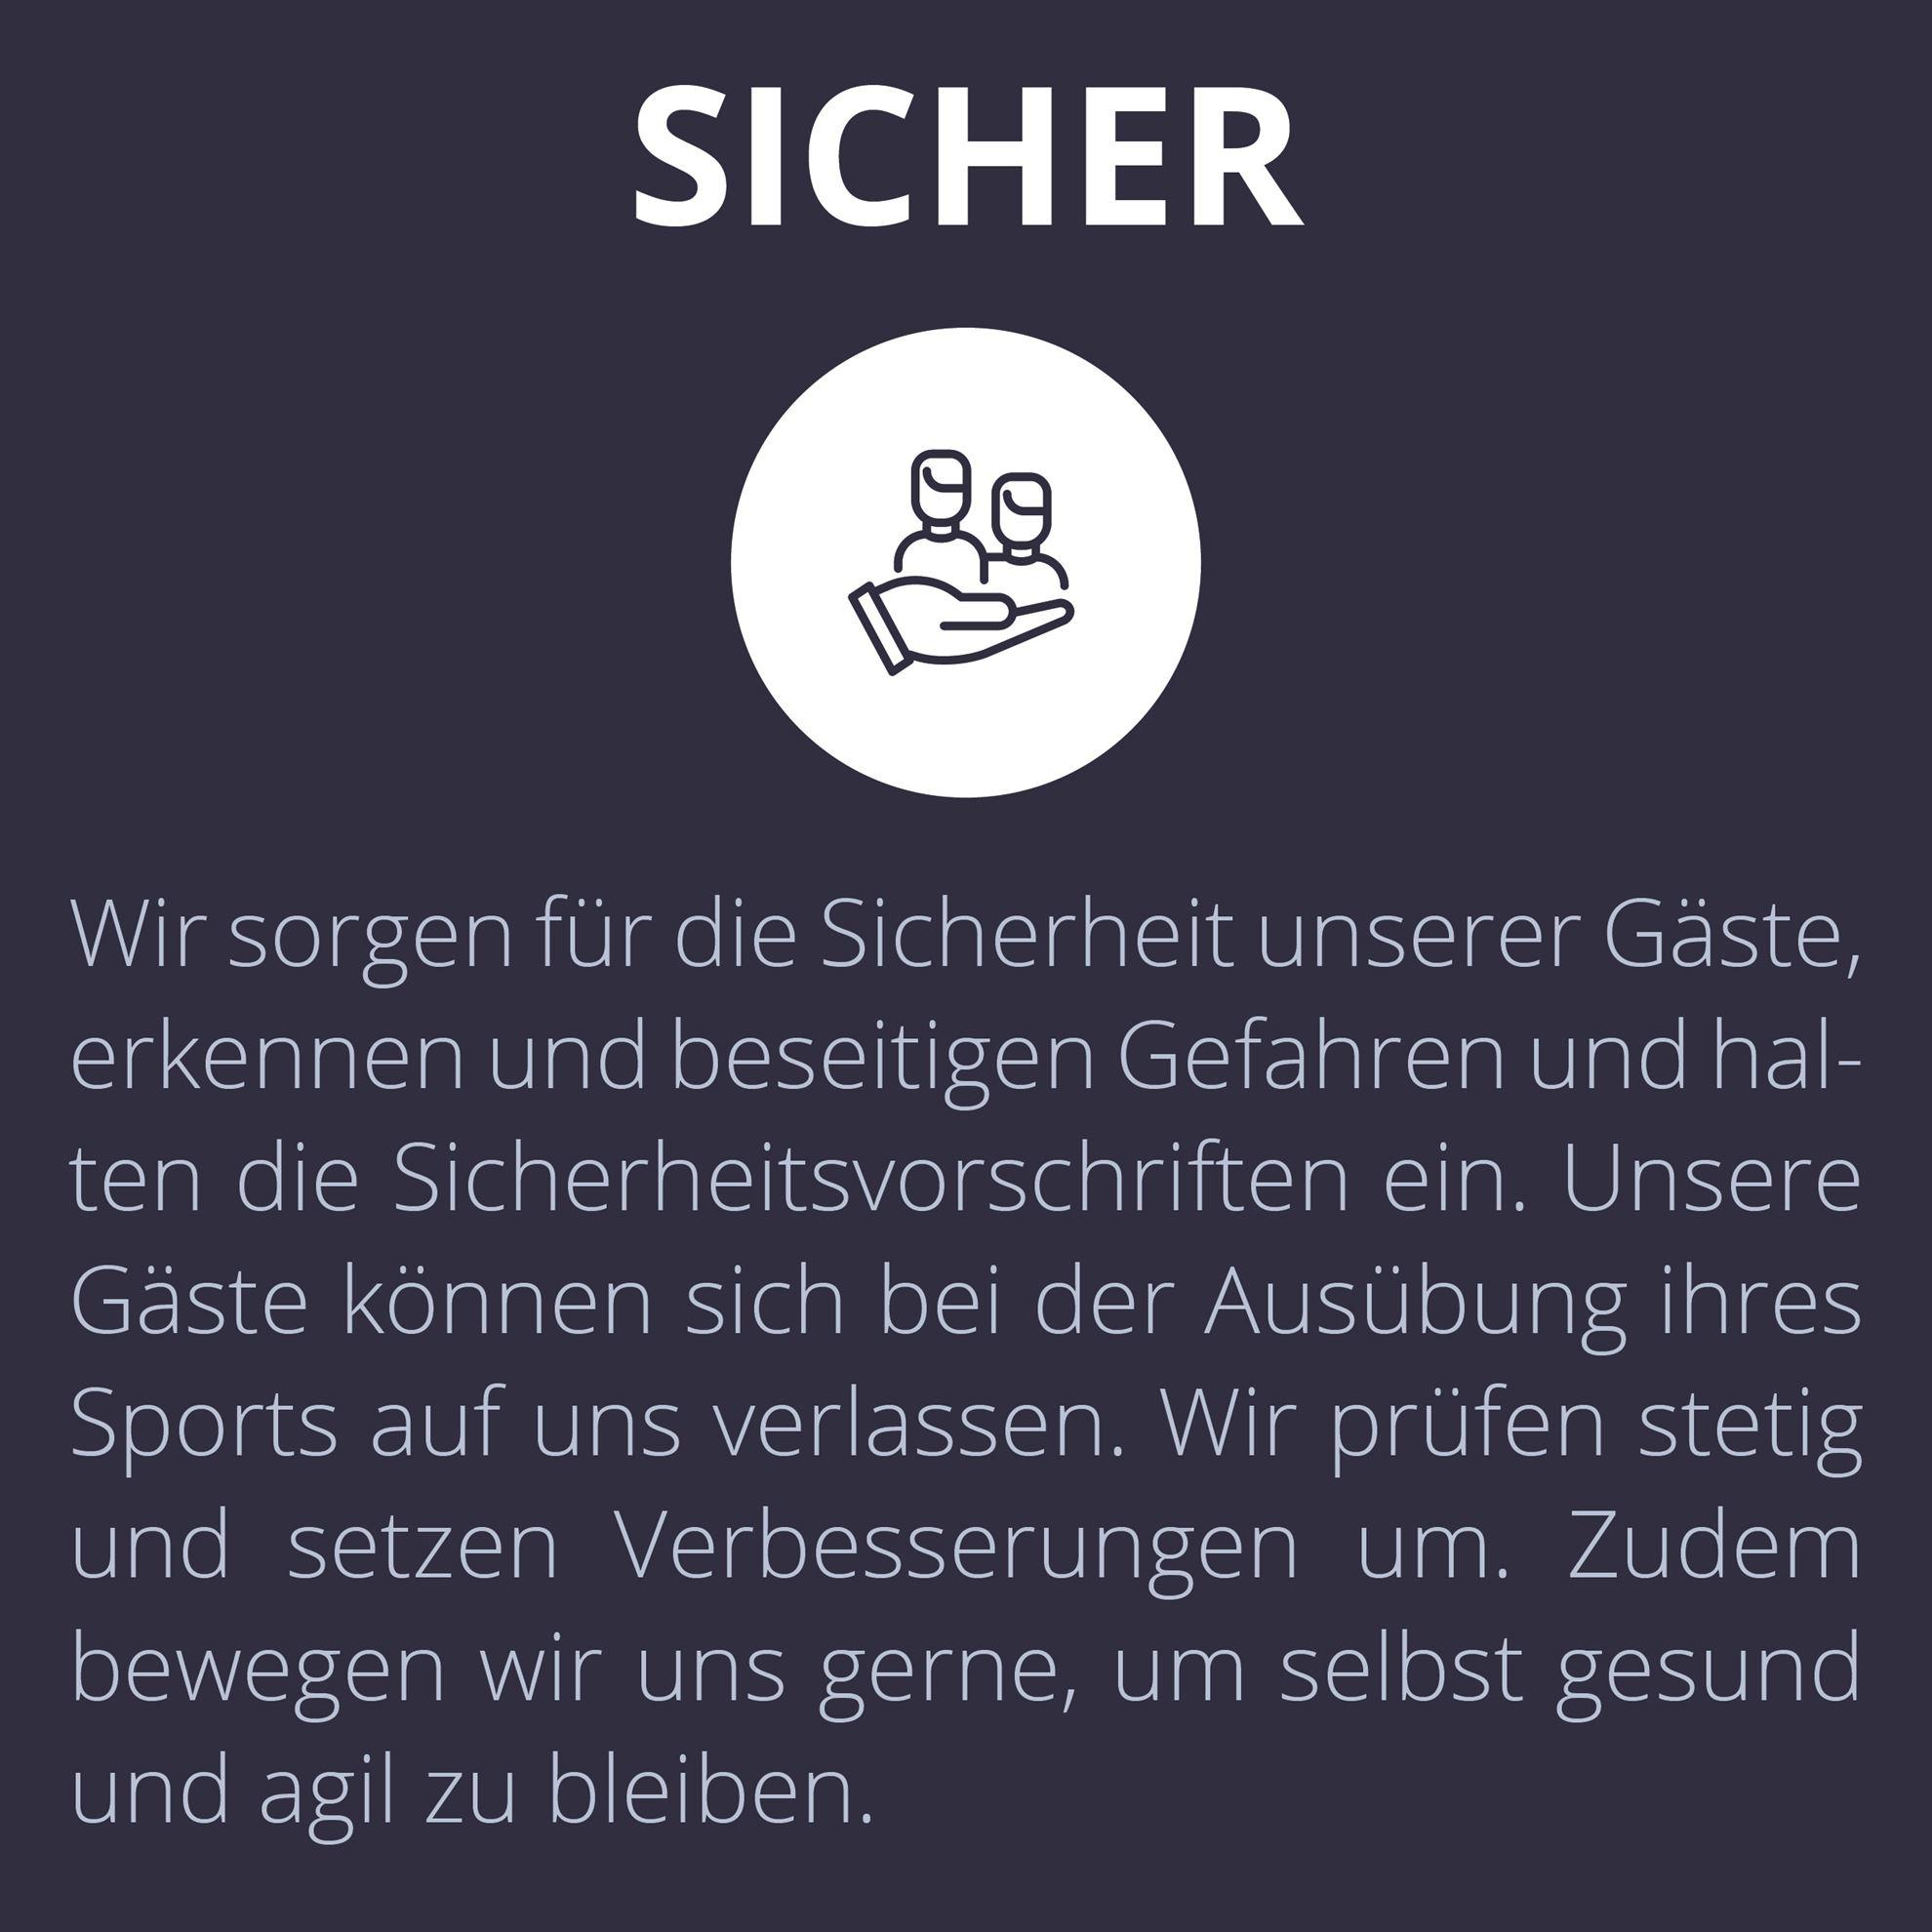 Wert_Sicher